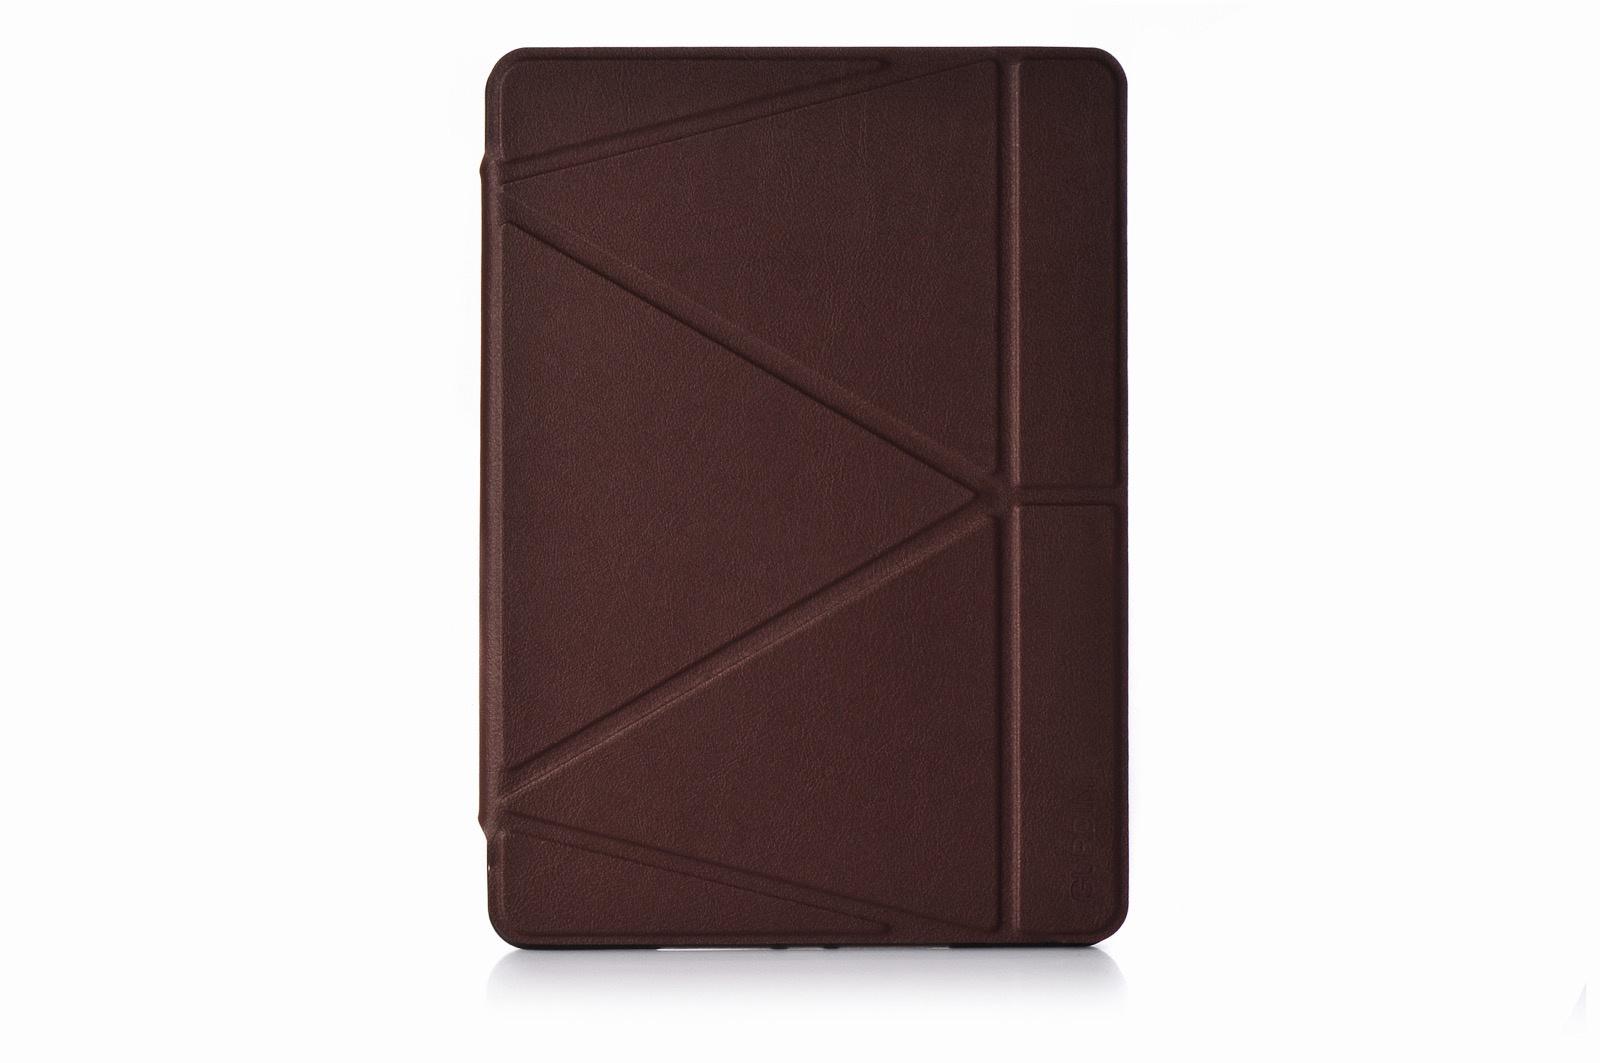 """Чехол для планшета Gurdini Lights Series 410338 для Apple Ipad mini 4 7.9"""", 410338, темно-коричневый"""